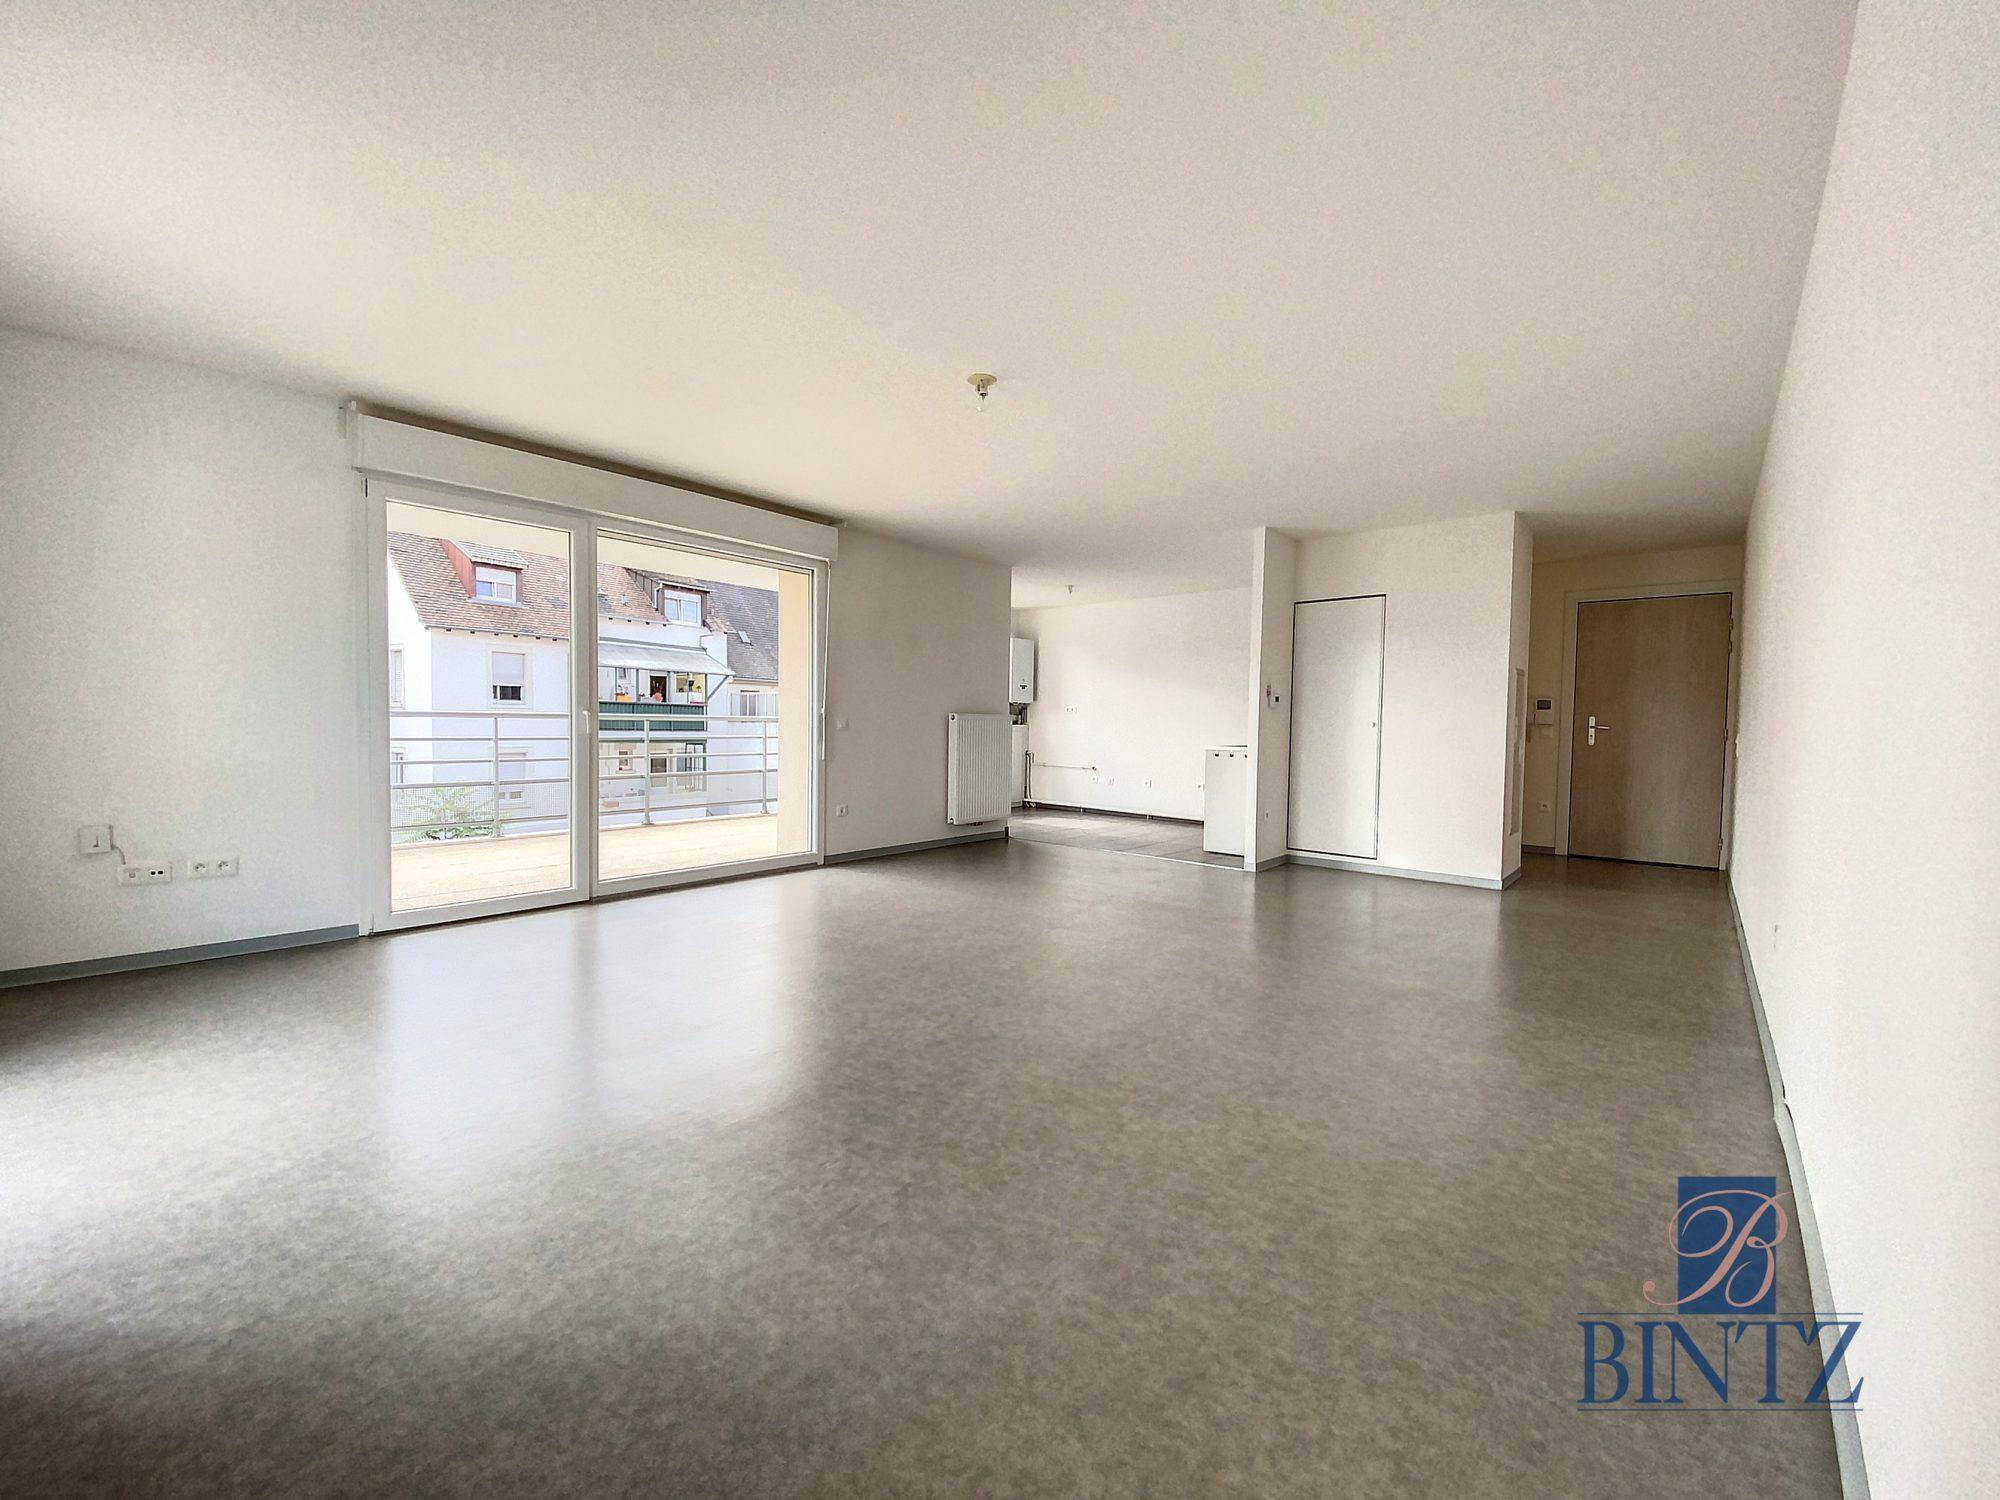 3 PIECES NEUF AVEC TERRASSE À SCHILTIGHEIM - Devenez propriétaire en toute confiance - Bintz Immobilier - 3